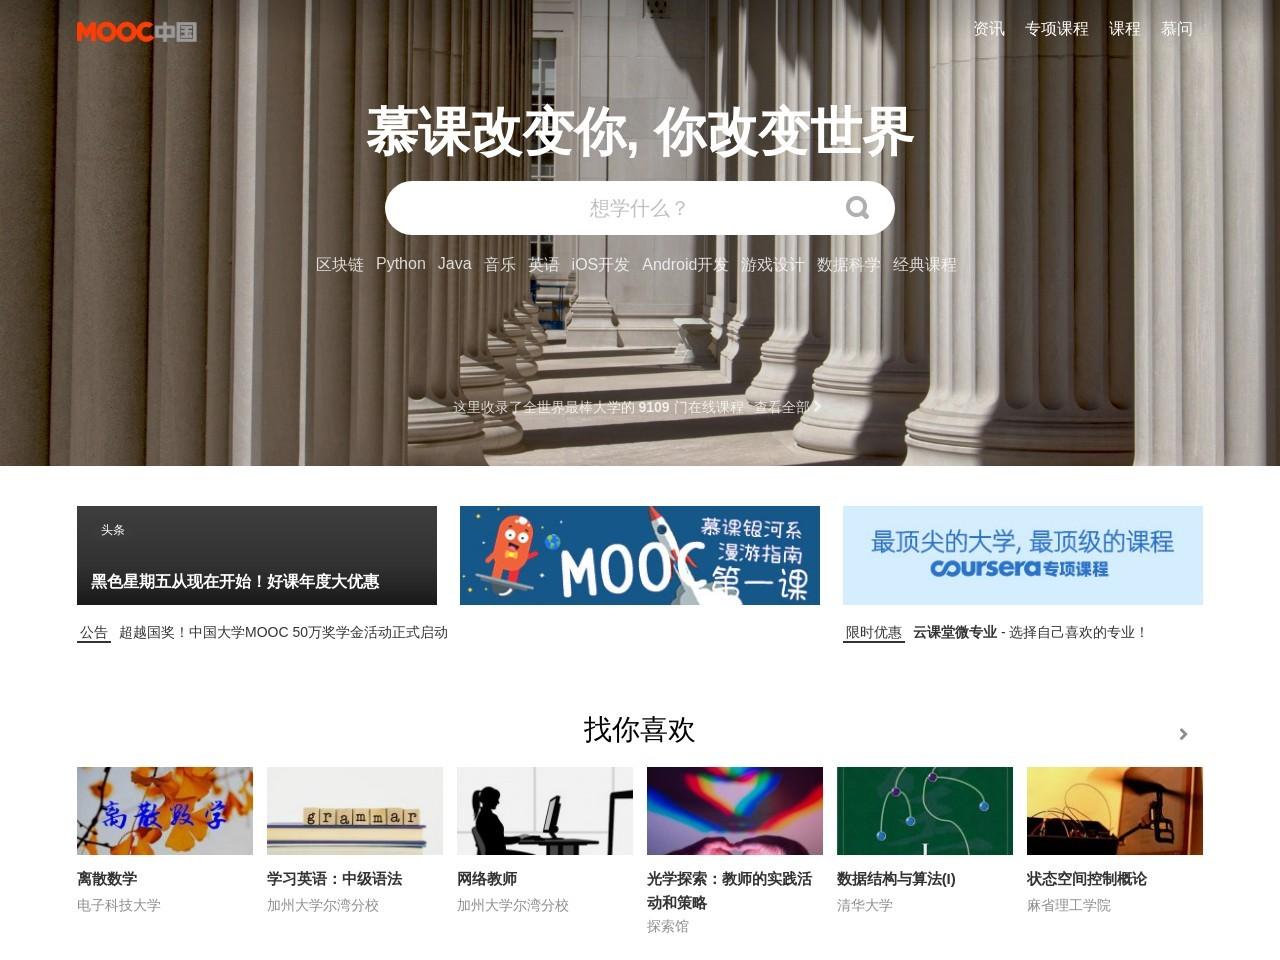 MOOC中国